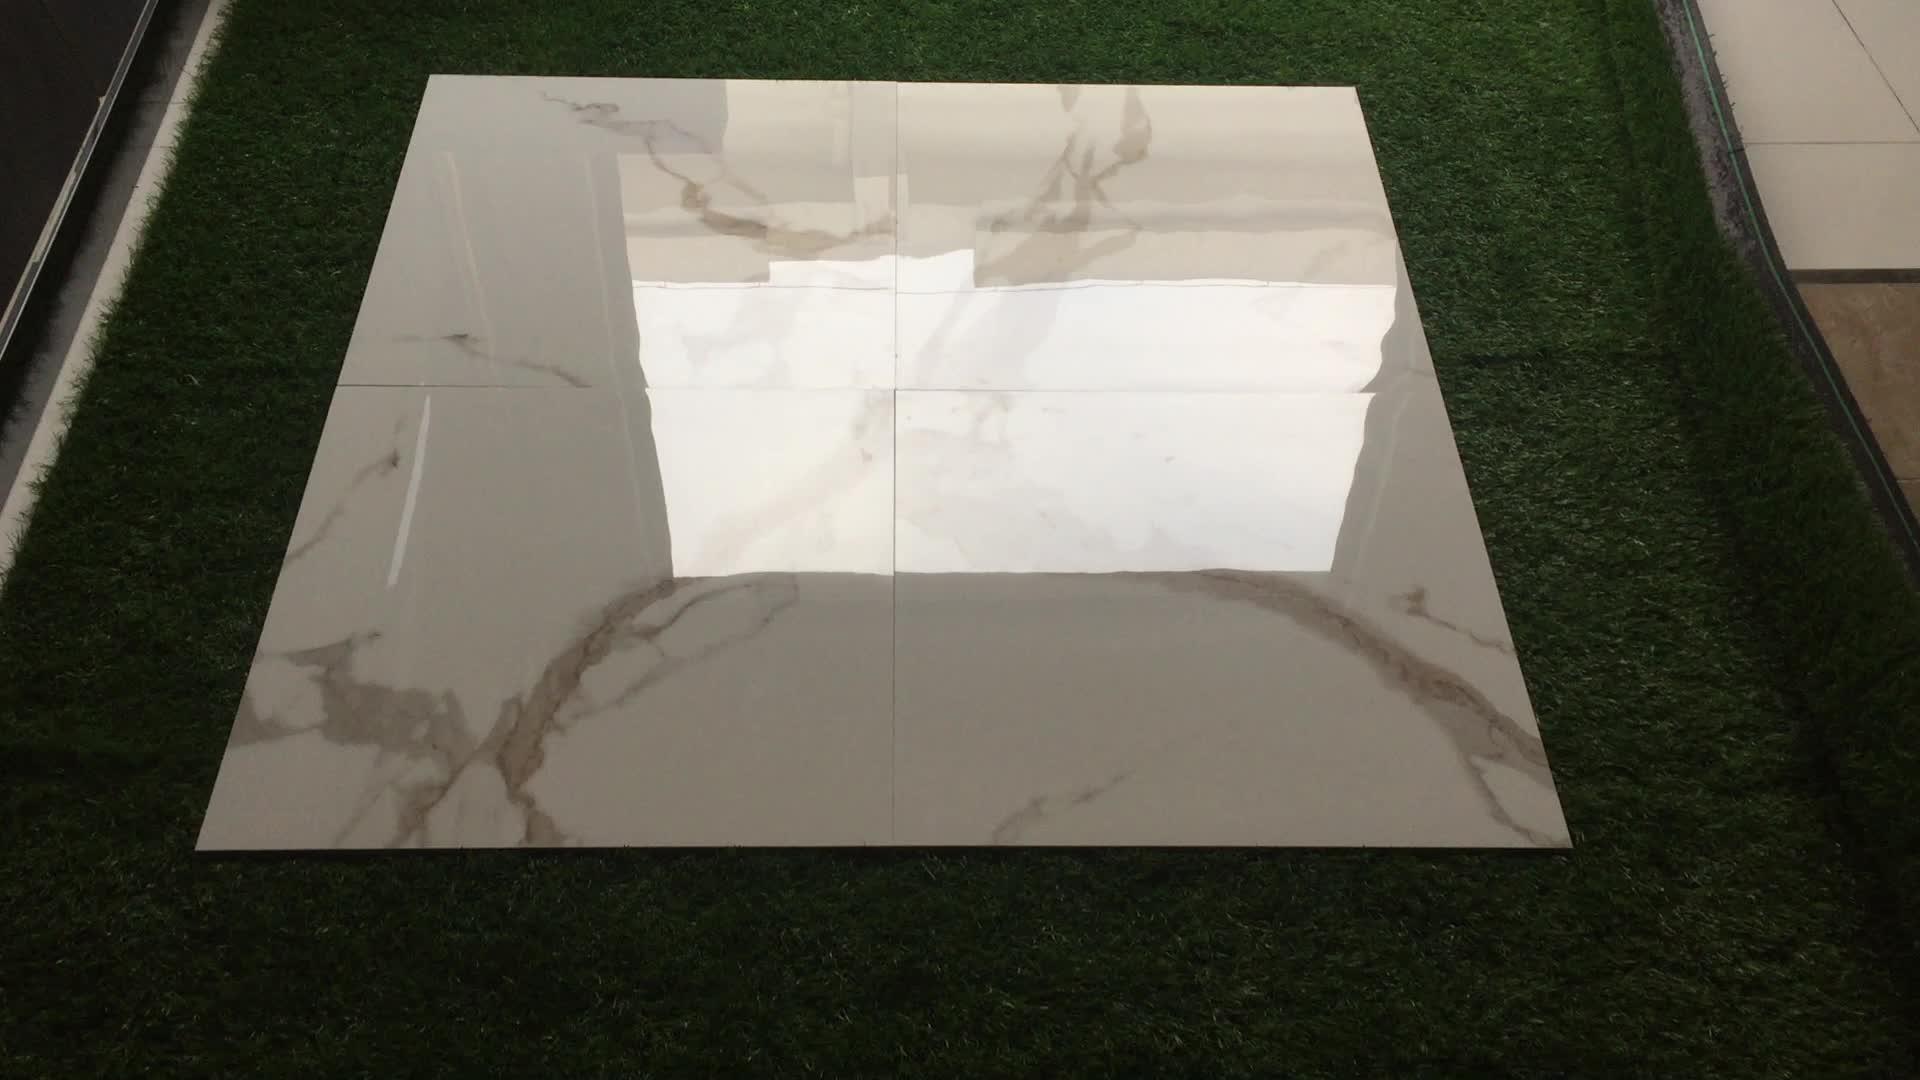 Discount Ceramic Tiles In FoshanBathroom Flooring Tile